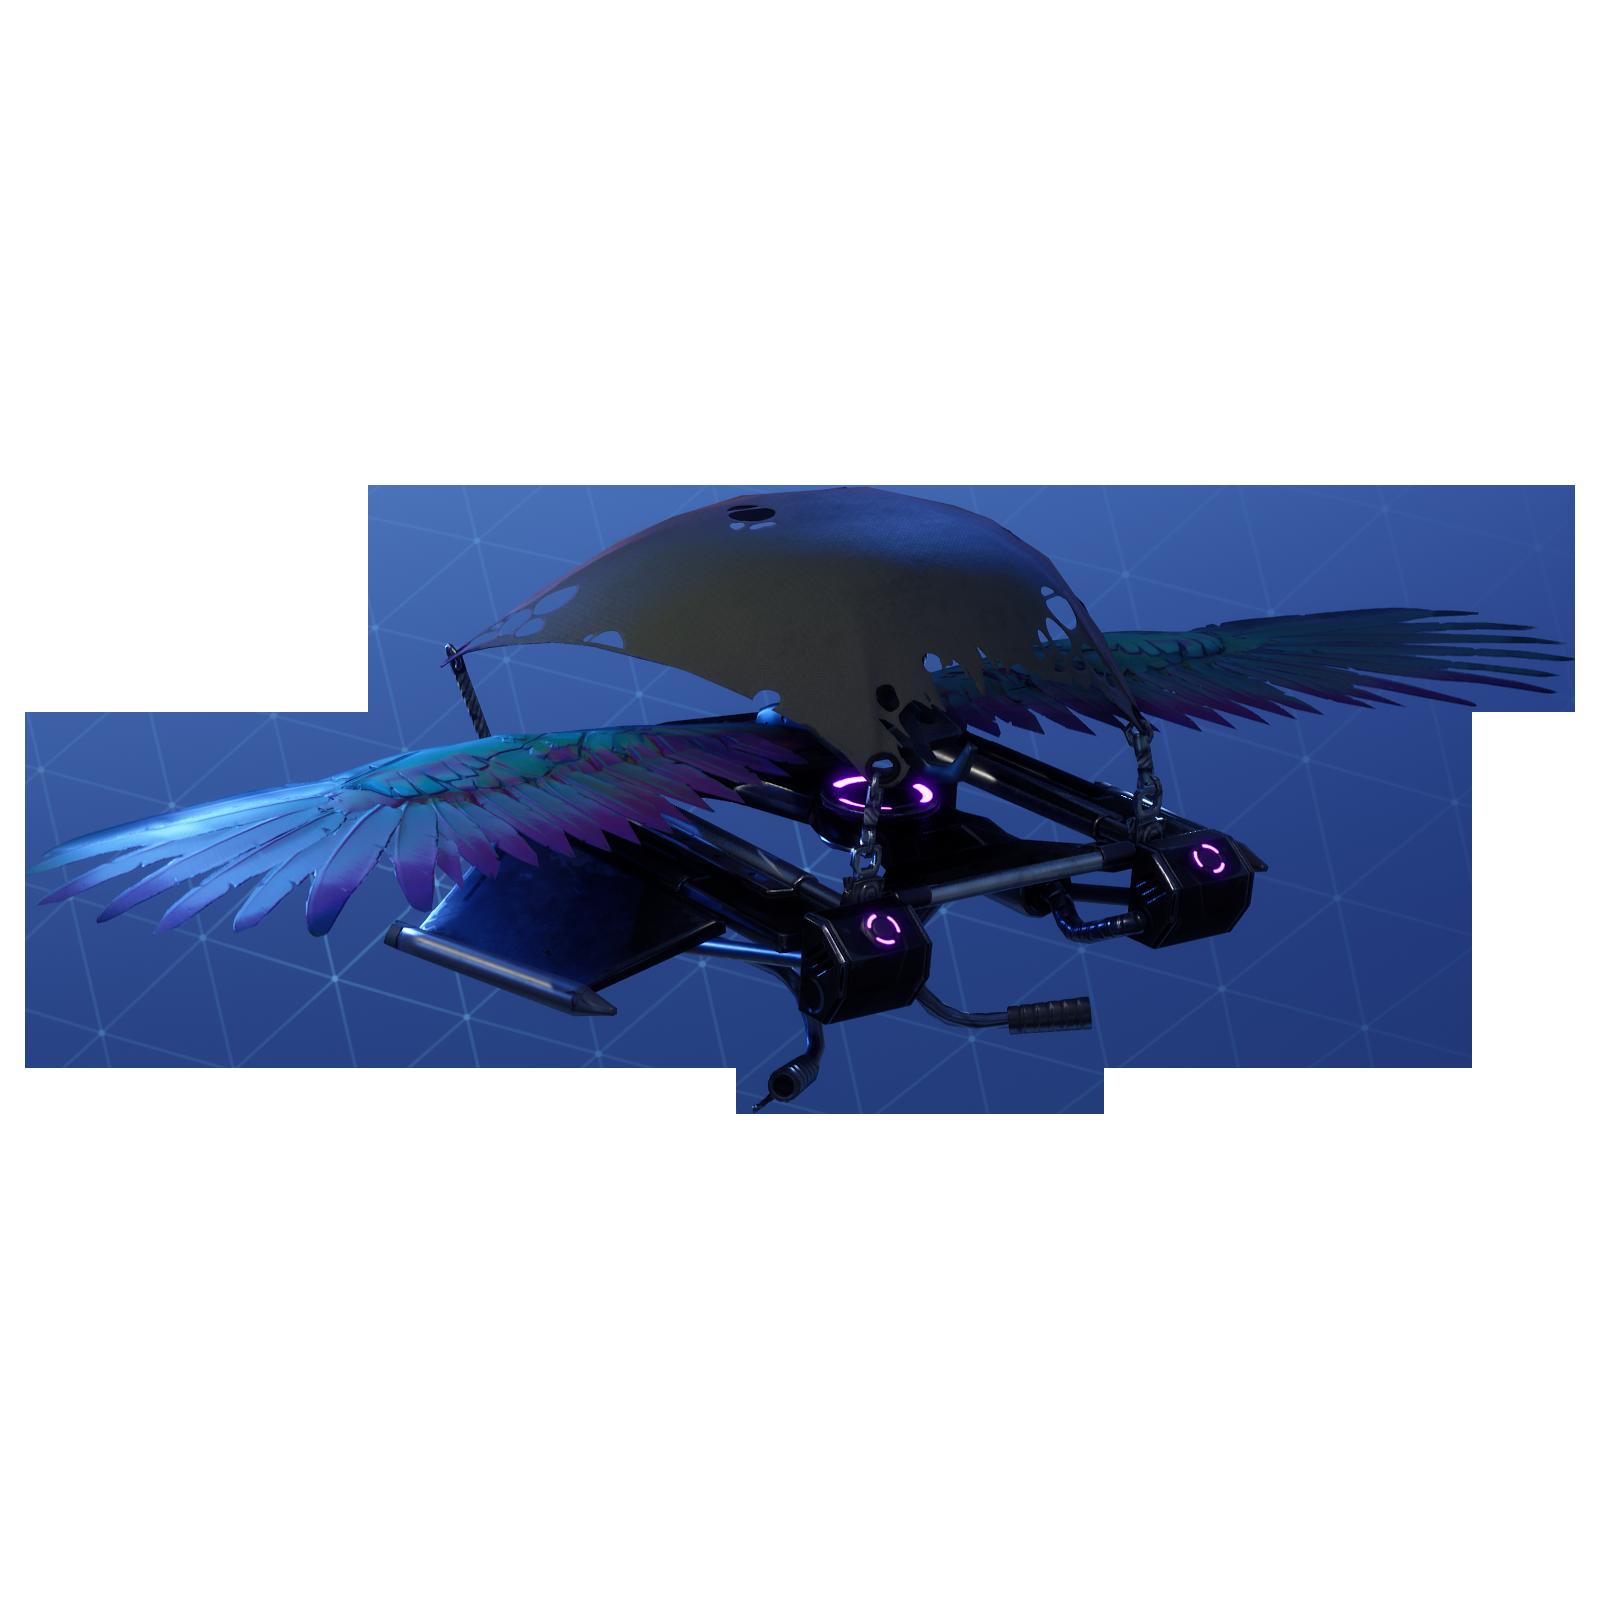 Fortnite Glider Fortnite New Art Game Artwork